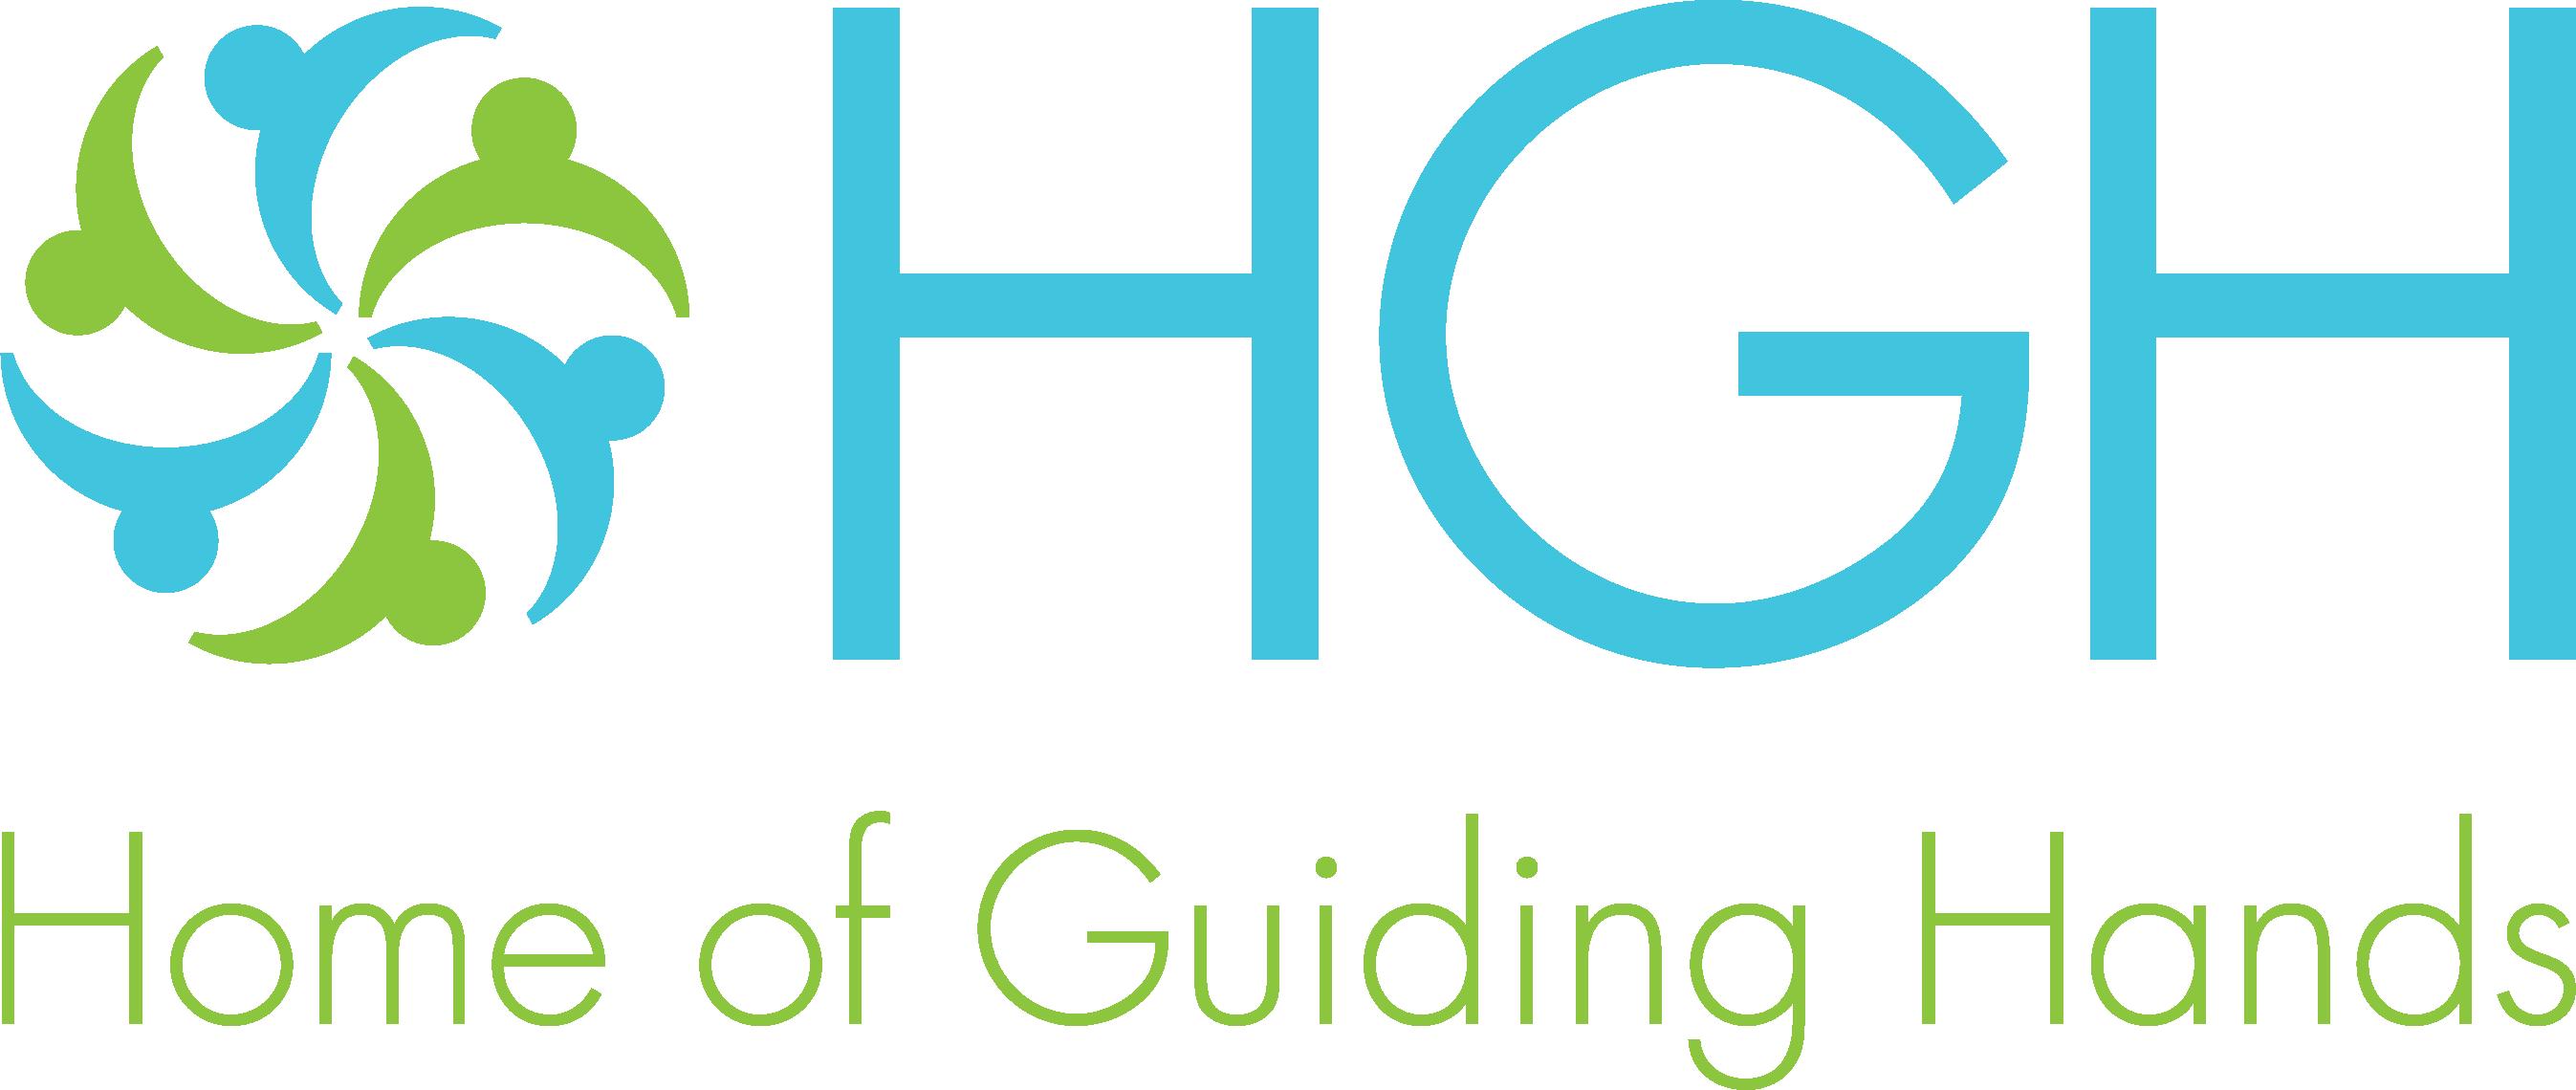 Home of Guiding Hands logo